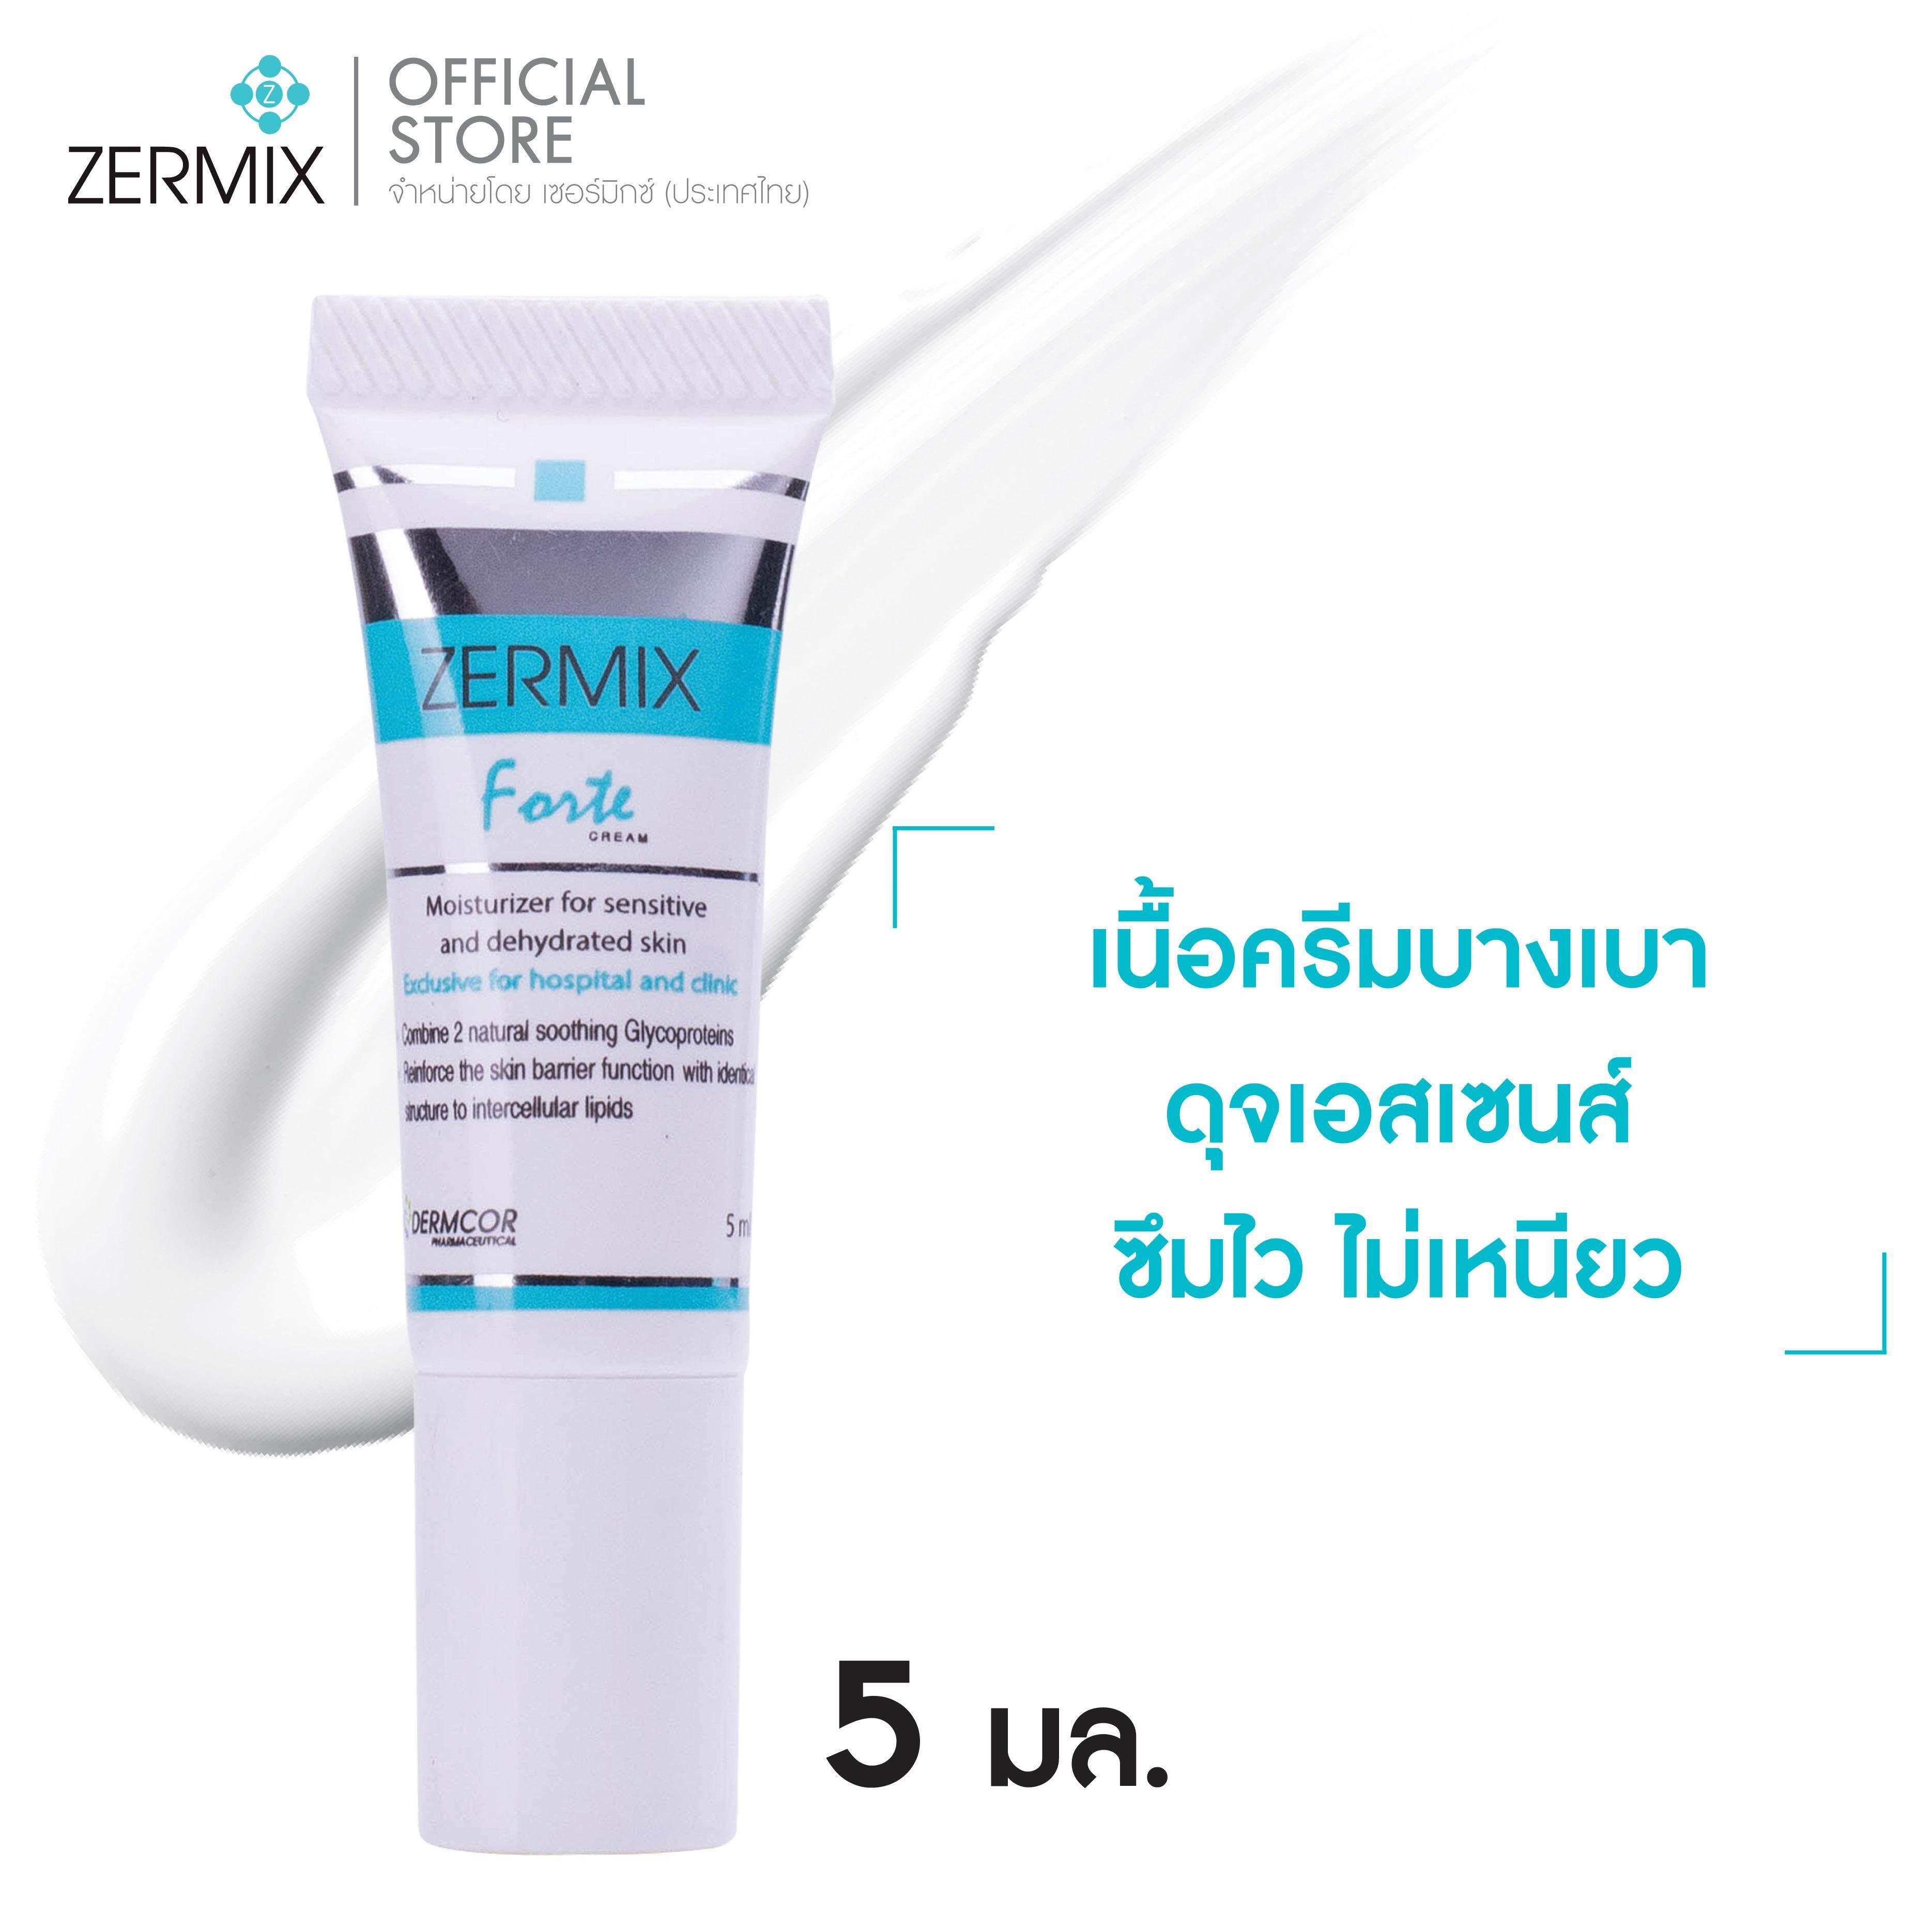 ครีมบำรุงผิวหน้า Zermix Forte Cream 5 Ml ครีมบำรุงผิวหน้า แพ้ง่าย ครีมบํารุงผิวหน้า กลางคืน  เจลล้างหน้า ไม่มีฟอง ครีมบํารุงผิวหน้ายี่ห้อไหนดี ครีมบํารุงผิวหน้า 7-11 ครีมบํารุงผิวหน้า Pantip ครีมบํารุงผิวหน้าเกาหลี.